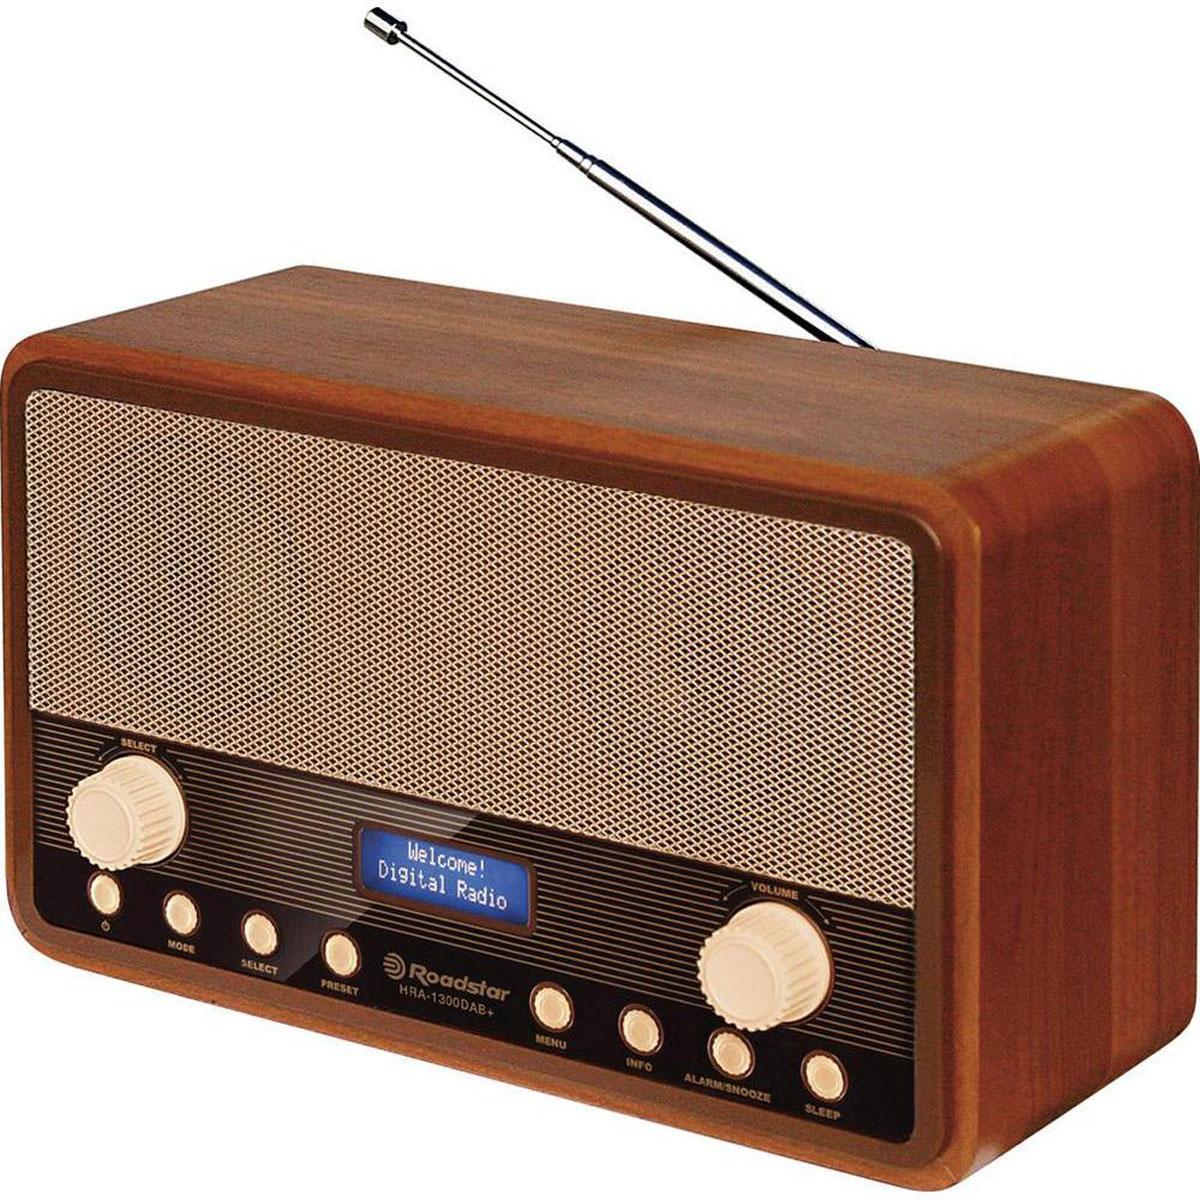 RoadStar HRA-1300DAB, Wood, ретро-радиоприемникHRA-1300DABRoadStar HRA-1300DAB - ретро FM - радиоприемник с RDS и DAB / DAB +, который обеспечивает более высокое качество звука по сравнению с FM-радиовещанием. Он безусловно станет актуальным подарком для меломана или просто любителя ретро-дизайна. Устройство оснащено жидкокристаллическим дисплеем с голубой подсветкой. Помимо звука приемником могут передаваться тексты, картинки и другие данные - больше, чем в RDS! Устройство поглощает слабые радиопомехи, что обеспечивает неизменно хорошее звучание. RoadStar HRA-1300DAB - это более экономичное использование частотного пространства посредством передачи сигналов. Также радиоприемник оснащен функцией будильника, а его качественное звучание действительно поразит вас и доставит удовольствие при прослушивании любимых радиостанций.